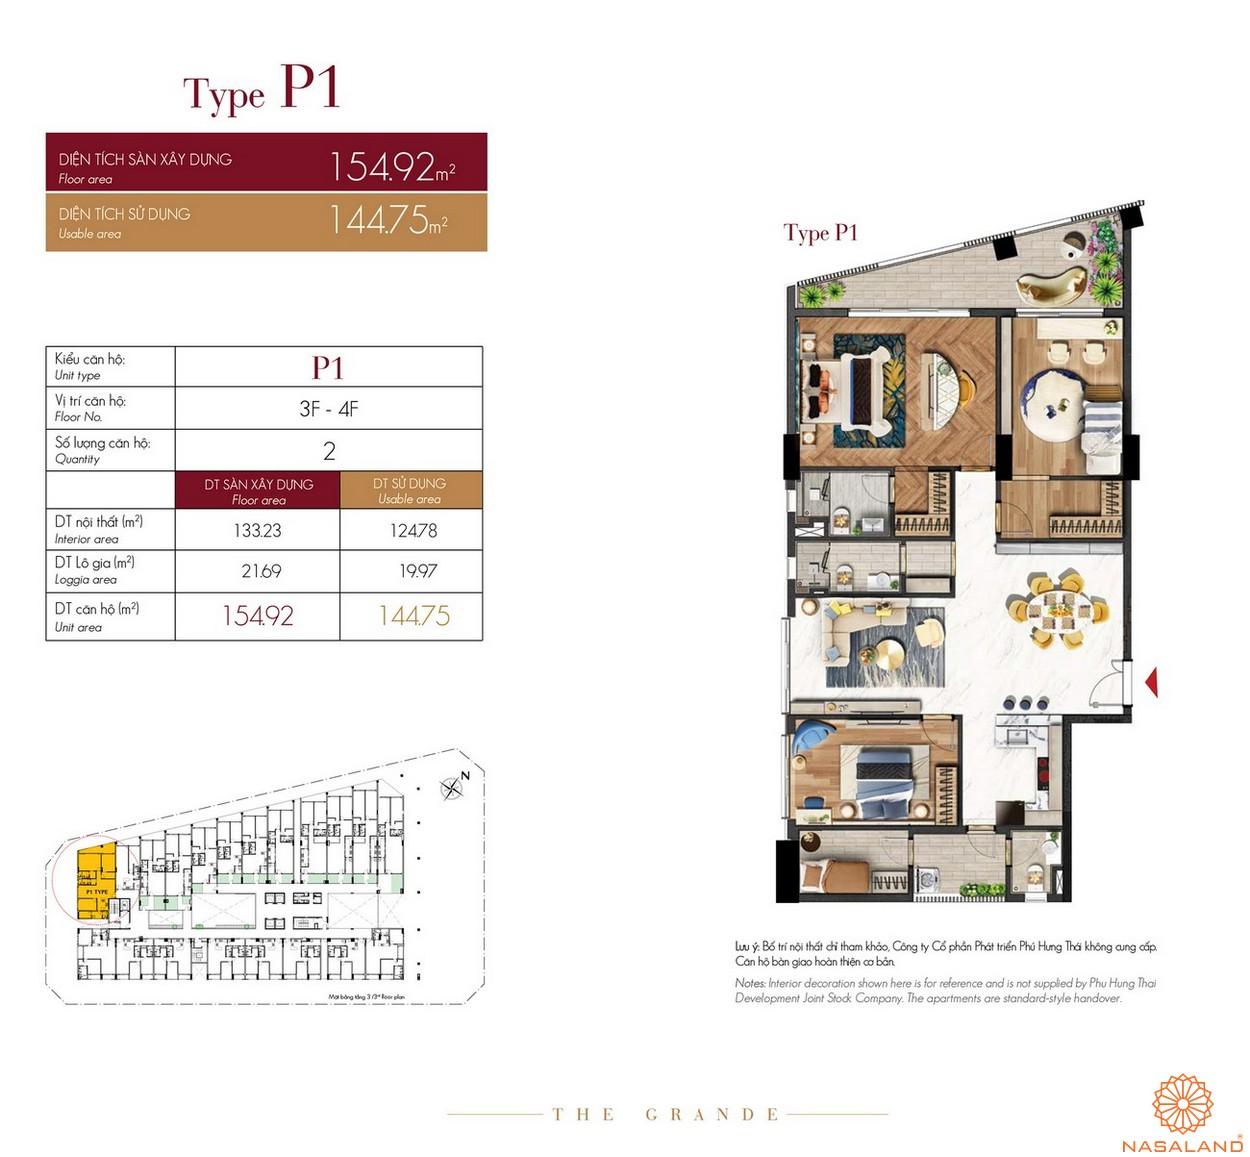 Thiết kế căn hộ Type P1 dự án The Grande Midtown quận 7